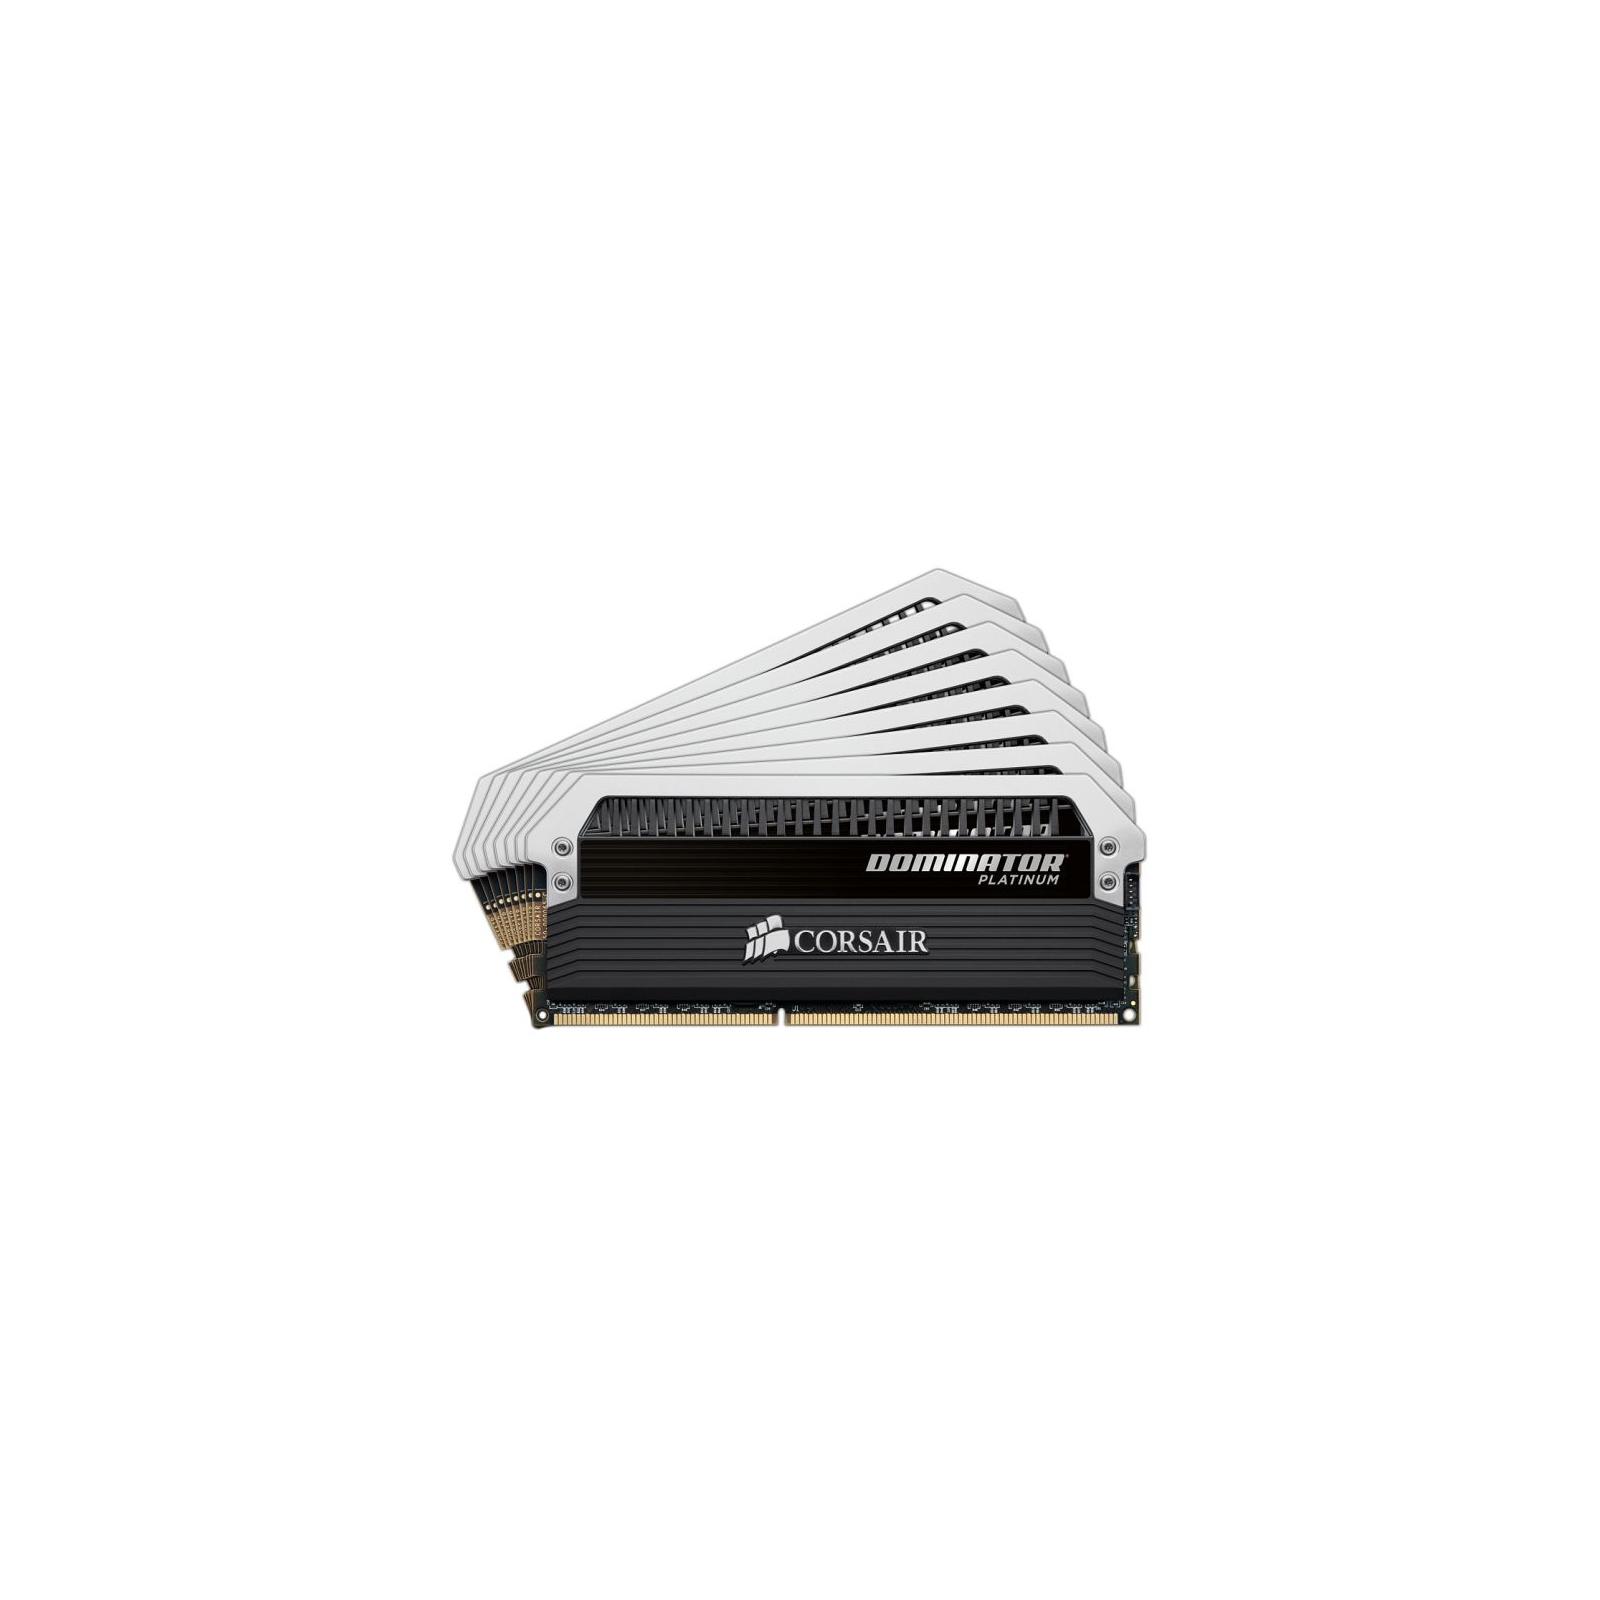 Модуль памяти для компьютера DDR3 64GB (8x8GB) 2133 MHz CORSAIR (CMD64GX3M8A2133C9)